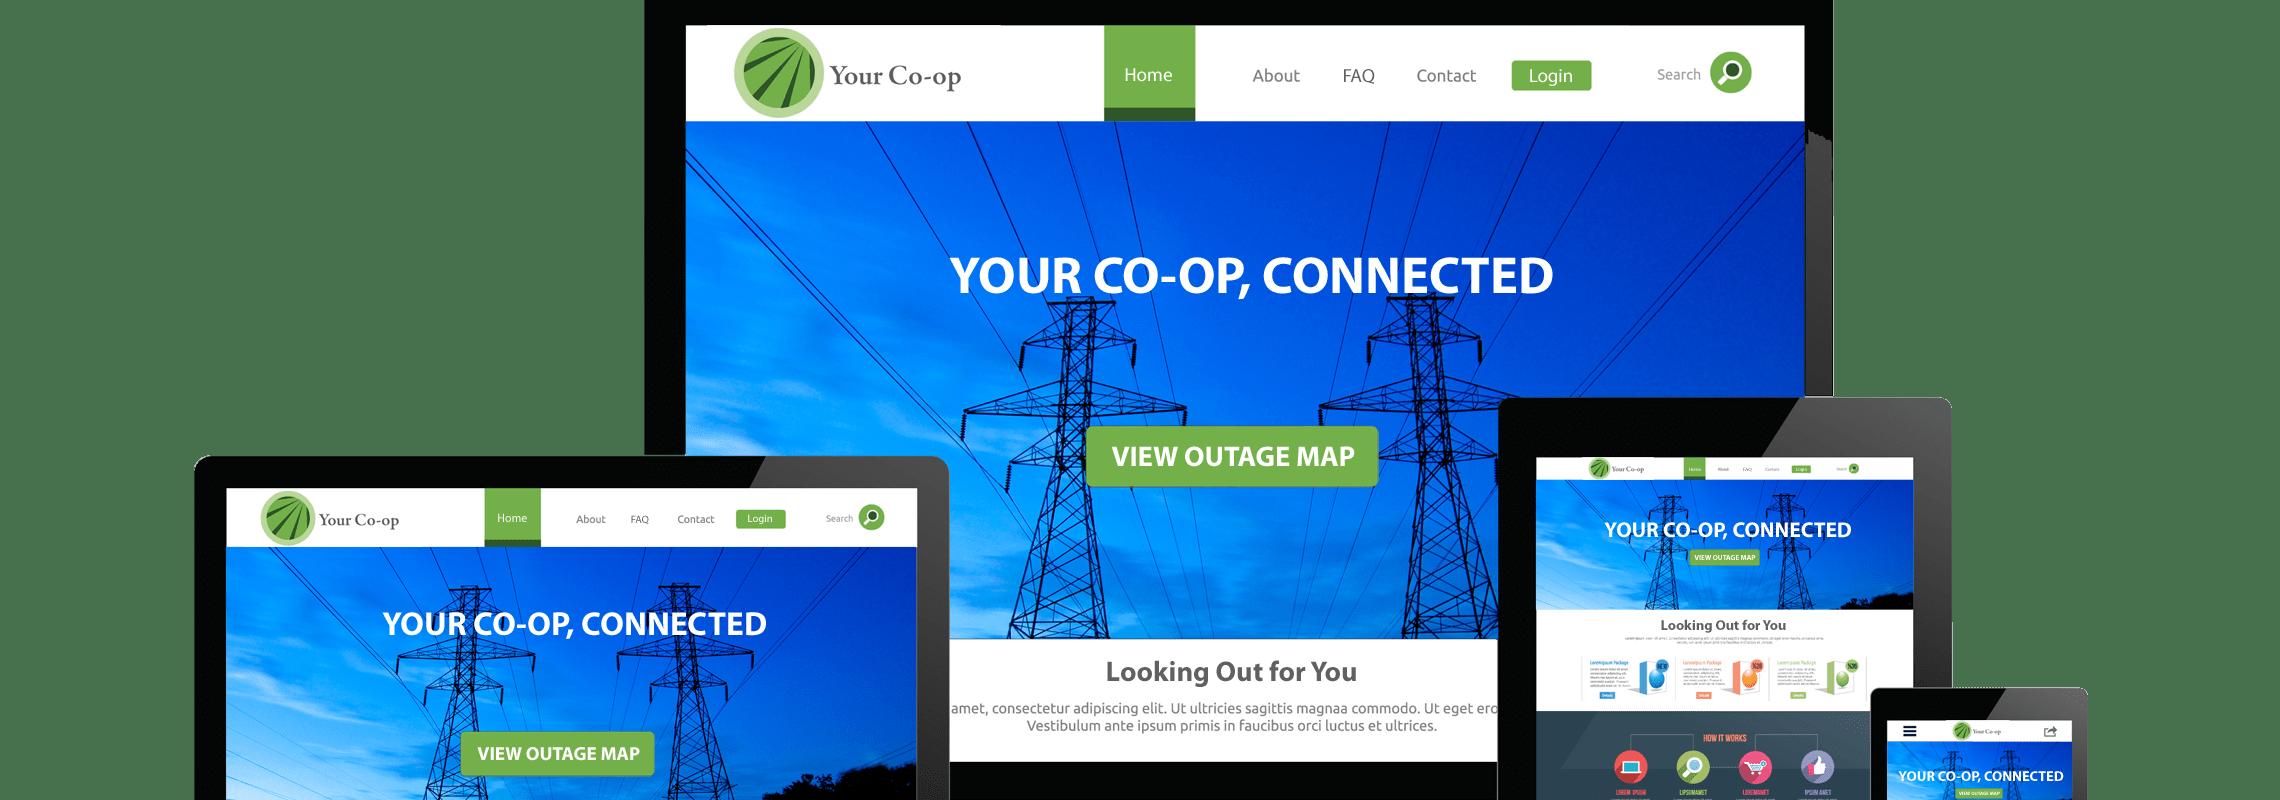 Responsive Co-op Web Design